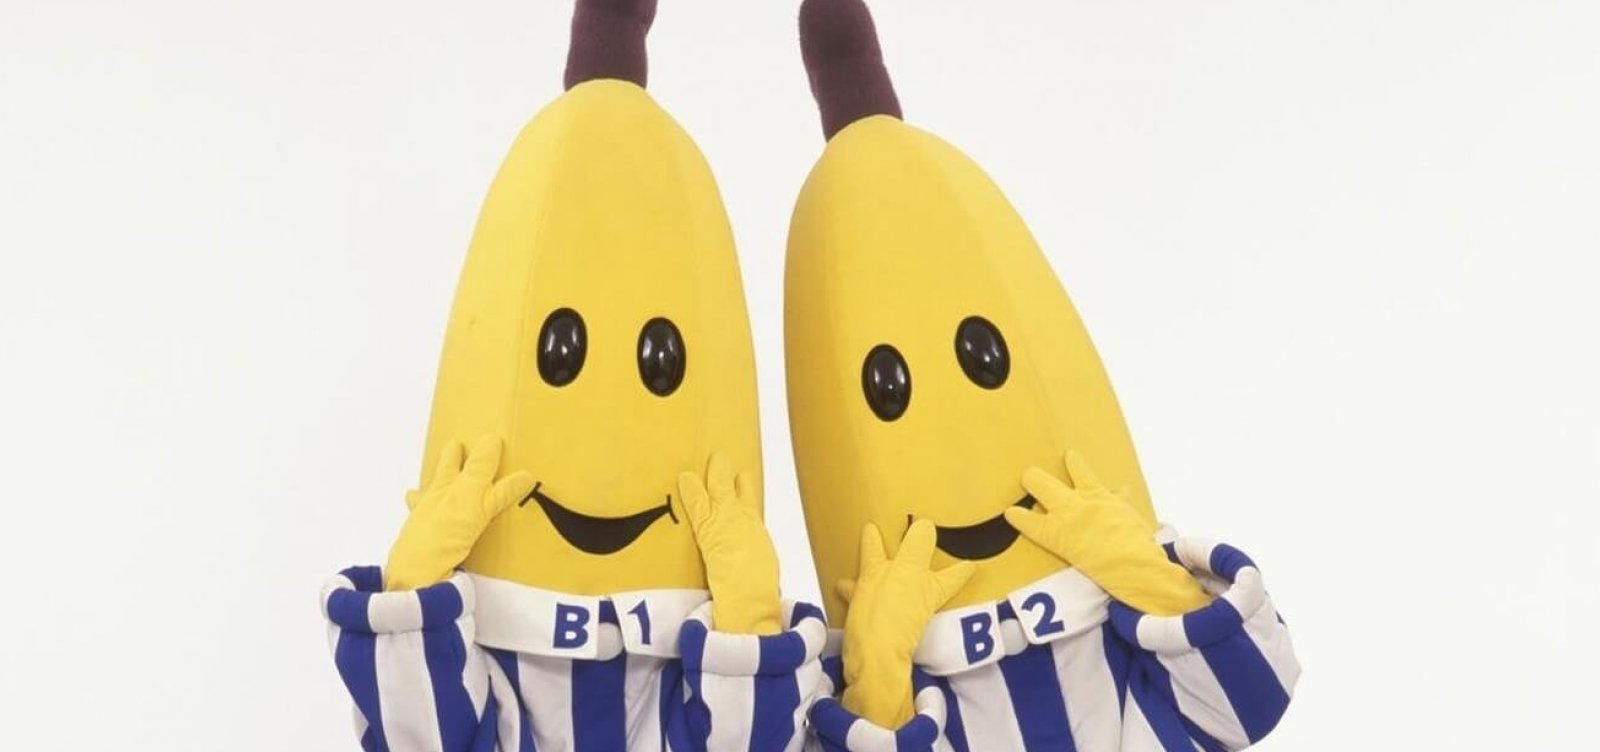 [Bananas de Pijama são um casal gay e estão juntos há 26 anos na vida real]